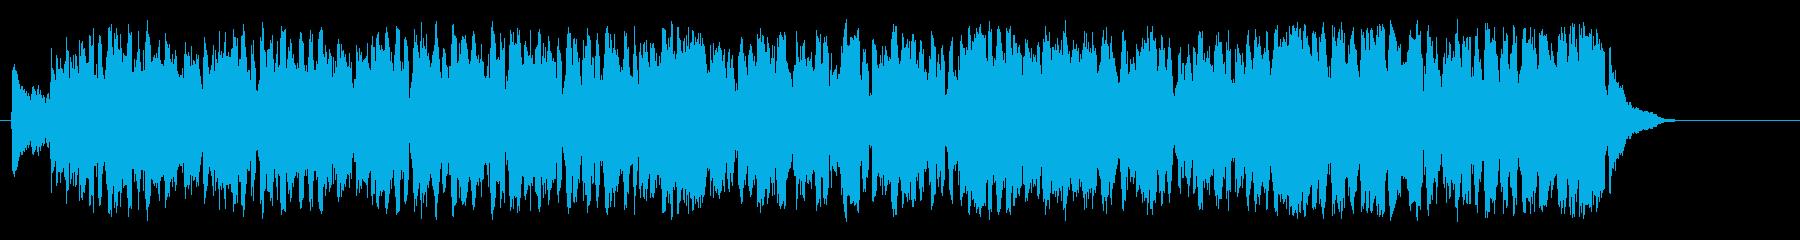 陽気なパレードのデキシージャズ風ポップスの再生済みの波形